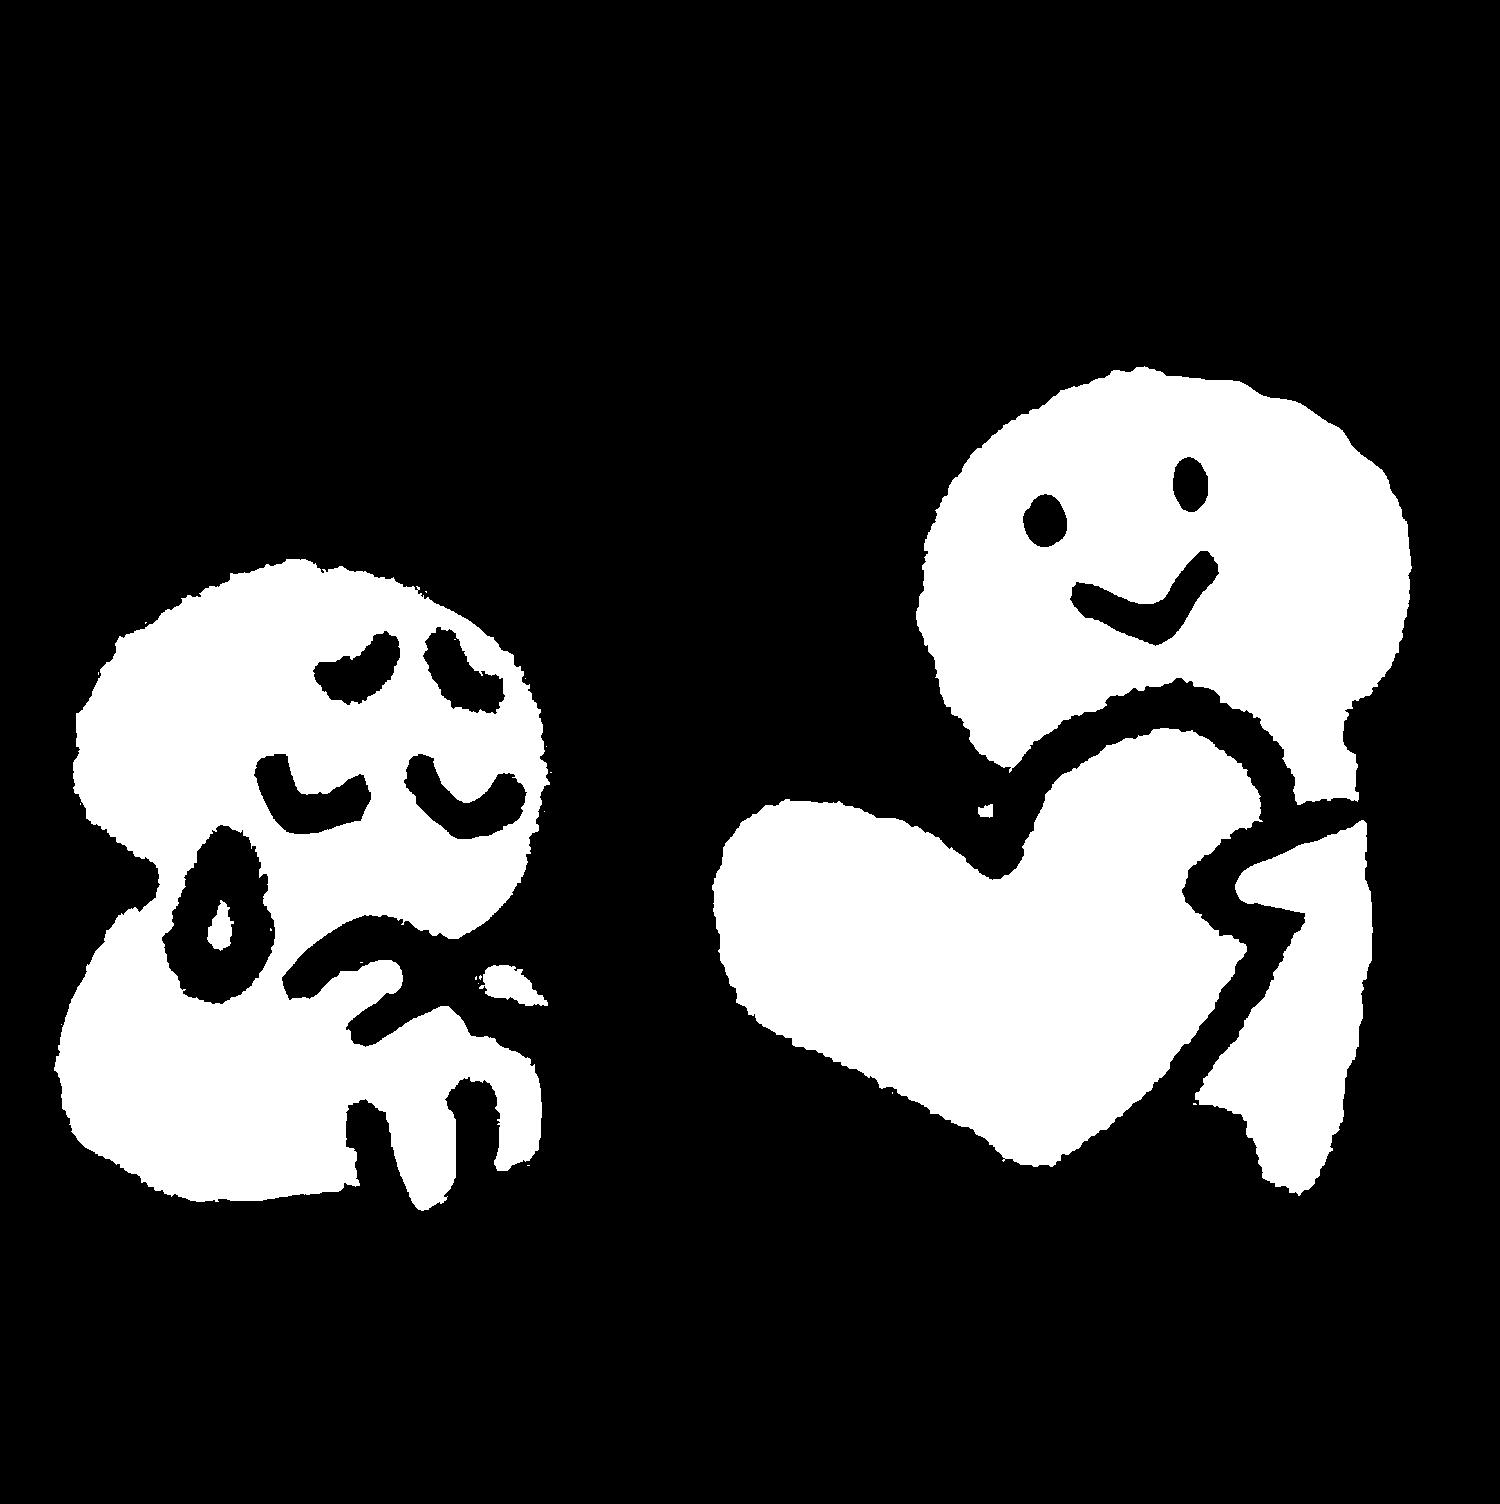 座って泣いている人にハートを渡すのイラスト / Give a heart Illustration